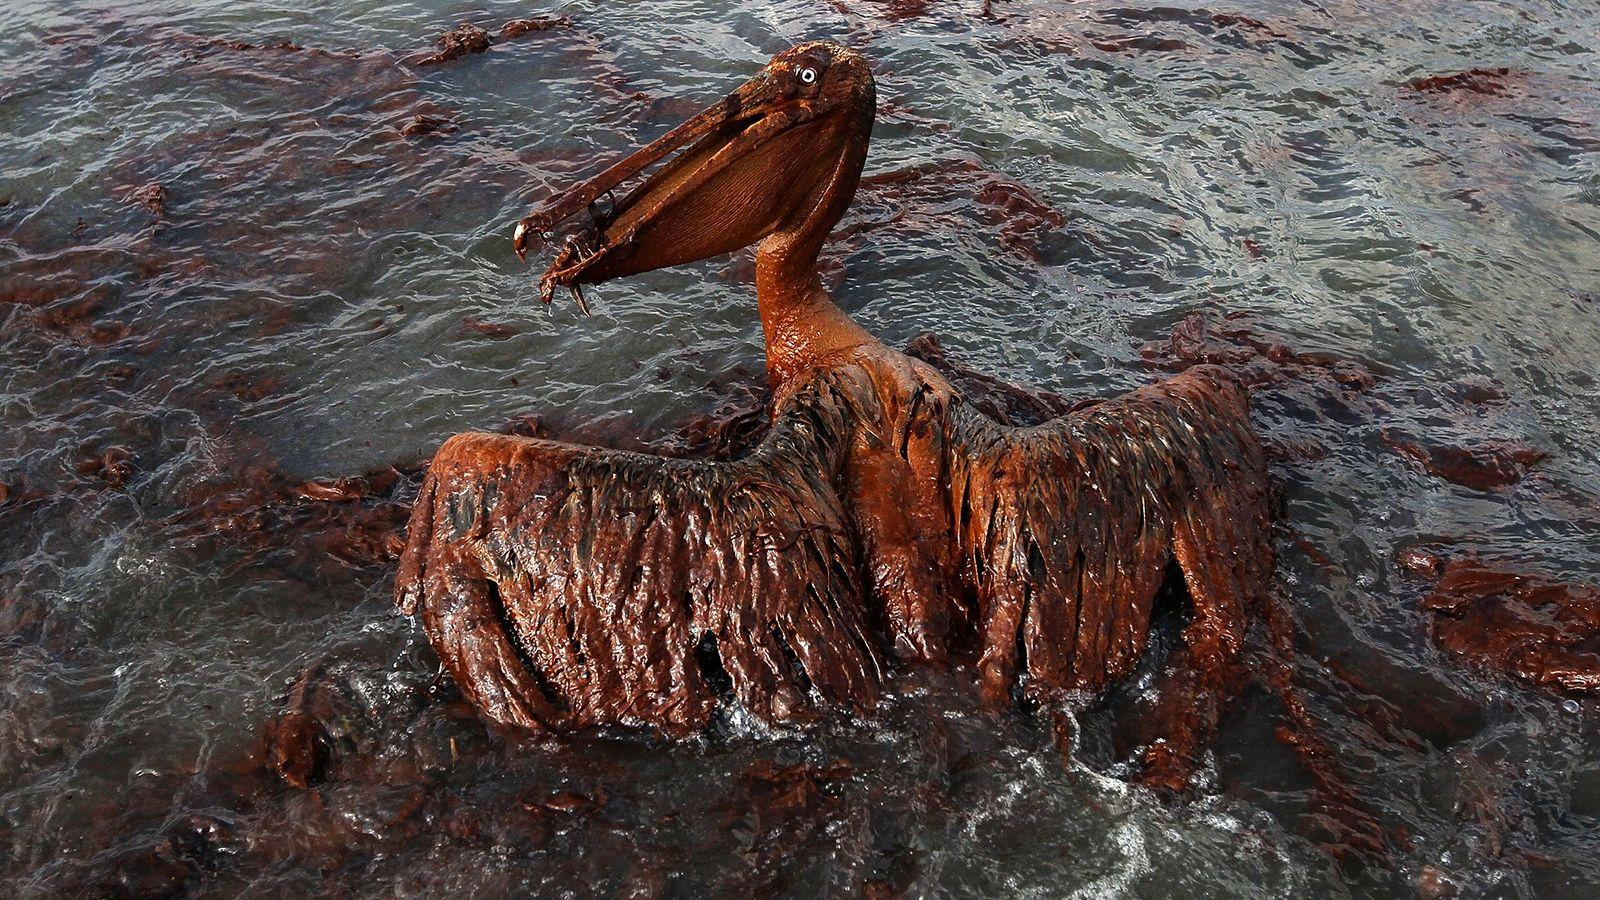 Das Gefieder dieses Braunpelikans auf East Grand Terre Island in Louisiana ist von Öl verklebt. 4. ...